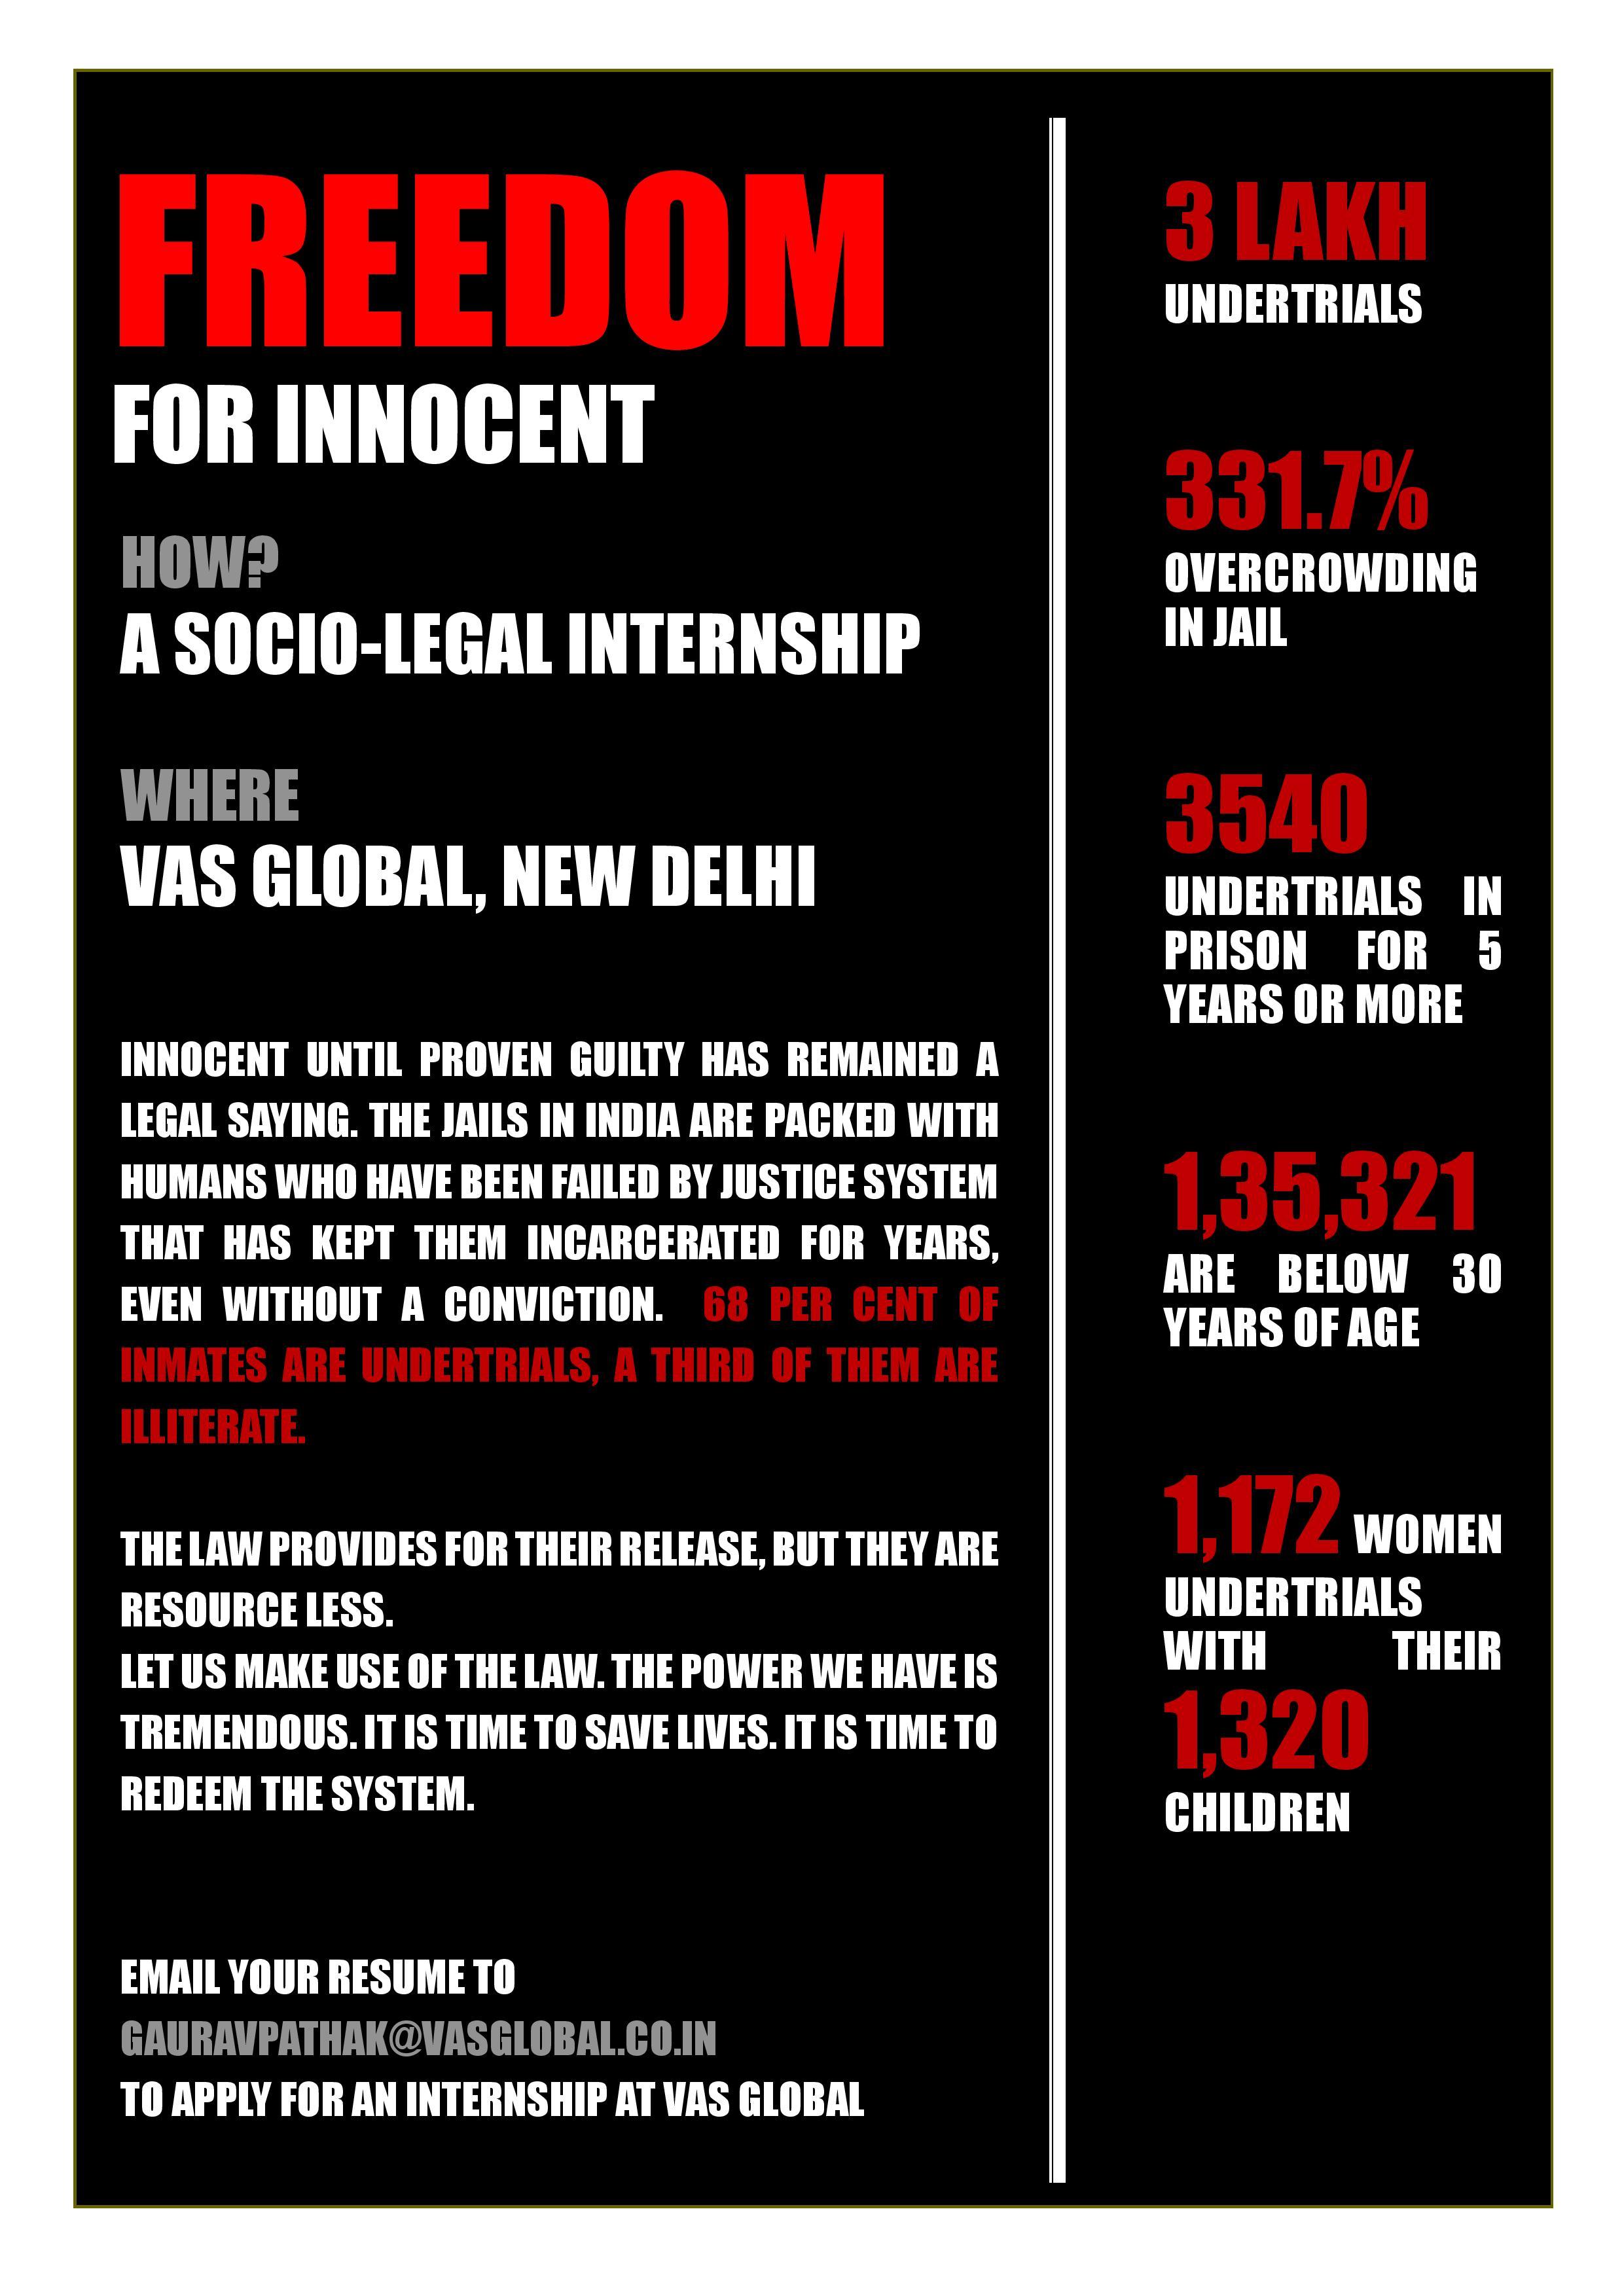 Internship VAS Global